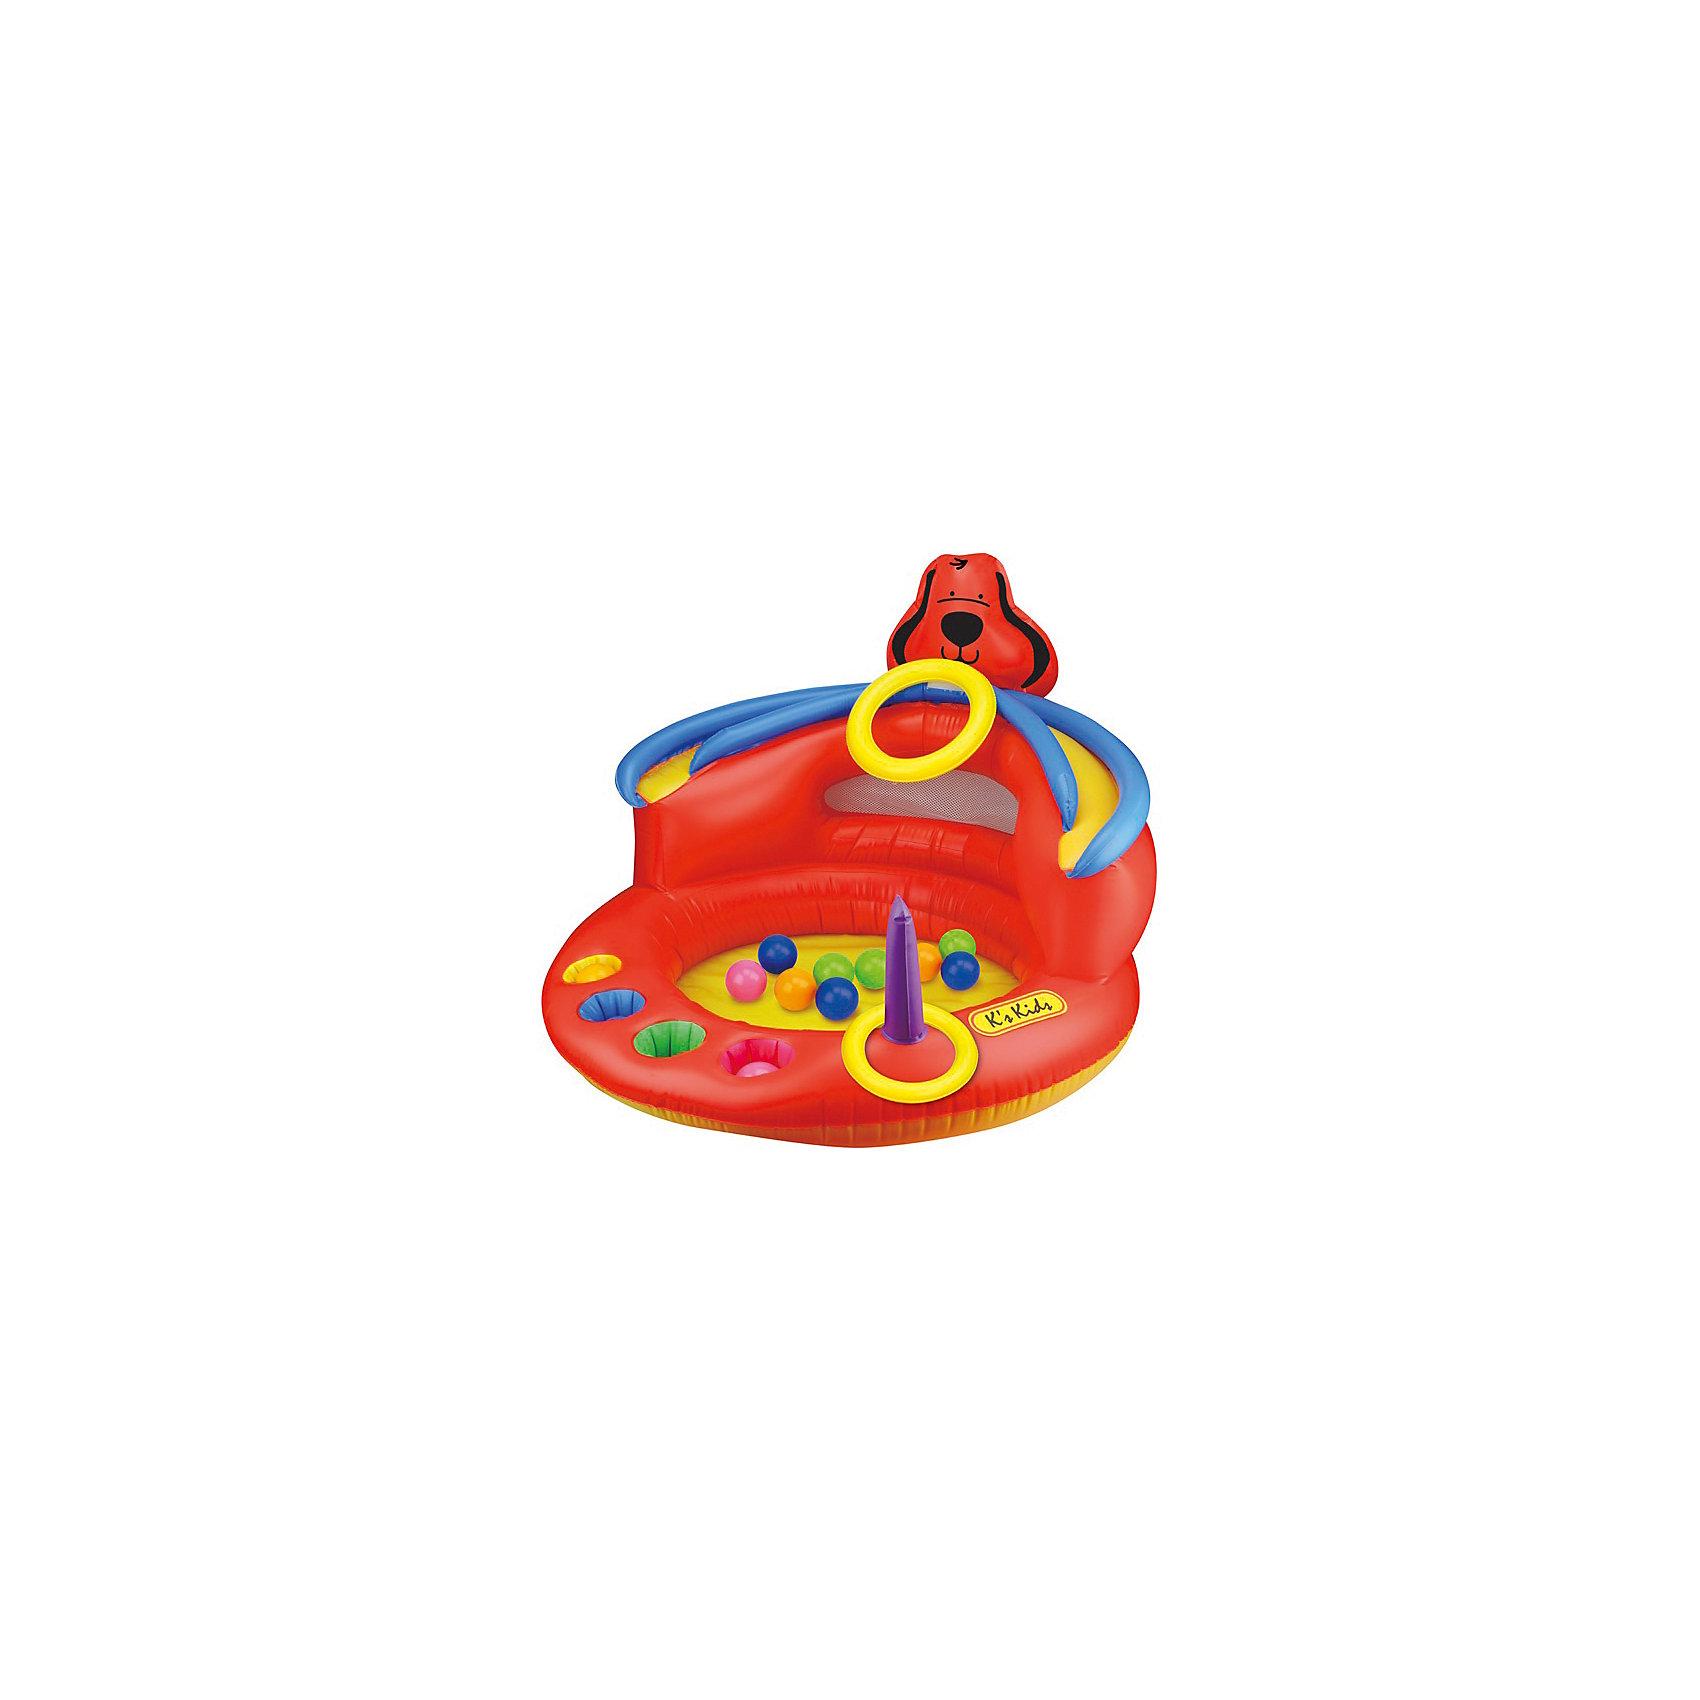 Сухой игровой бассейн Патрик, Ks KidsСухой игровой бассейн «Патрик» станет отличным игровым комплексом для малыша. Надувной бассейн с одной стороны имеет высокую стену, на нее прикреплено кольцо.<br>В него можно бросать мячики разных цветов, которые падают вниз на площадку и не выкатываются. Эти шарики могут попасть в специальные отверстия, так же ребенок с расстояния может попадать в эти же отверстия шариками такого же цвета. С одной стороны плоскости бассейна установлен штырь для кидания колец. Ребенок может играть, попадая в кольцо или воронку, называя цвета и кидая кольца на штырь.<br>Веселая игрушка от K'S Kids надолго займет внимание ребенка и поможет ему научиться быть метким и внимательным. Яркие цвета игрушки обязательно привлекут внимание малышей и помогут развить зрительное восприятие.<br>Игрушка изготовлена из высококачественных экологичных материалов абсолютно безопасных даже для самых маленьких детей. <br><br>Дополнительная информация:<br><br>- Материал: ПВХ.<br>- Размер: 60х93х93 см <br>- Комплектация: бассейн с головой собачки наверху, кольцо, разноцветные мячики.<br><br>Сухой игровой бассейн Патрик, Ks Kids, можно купить в нашем магазине.<br><br>Ширина мм: 498<br>Глубина мм: 370<br>Высота мм: 123<br>Вес г: 1783<br>Возраст от месяцев: 12<br>Возраст до месяцев: 36<br>Пол: Унисекс<br>Возраст: Детский<br>SKU: 4589900